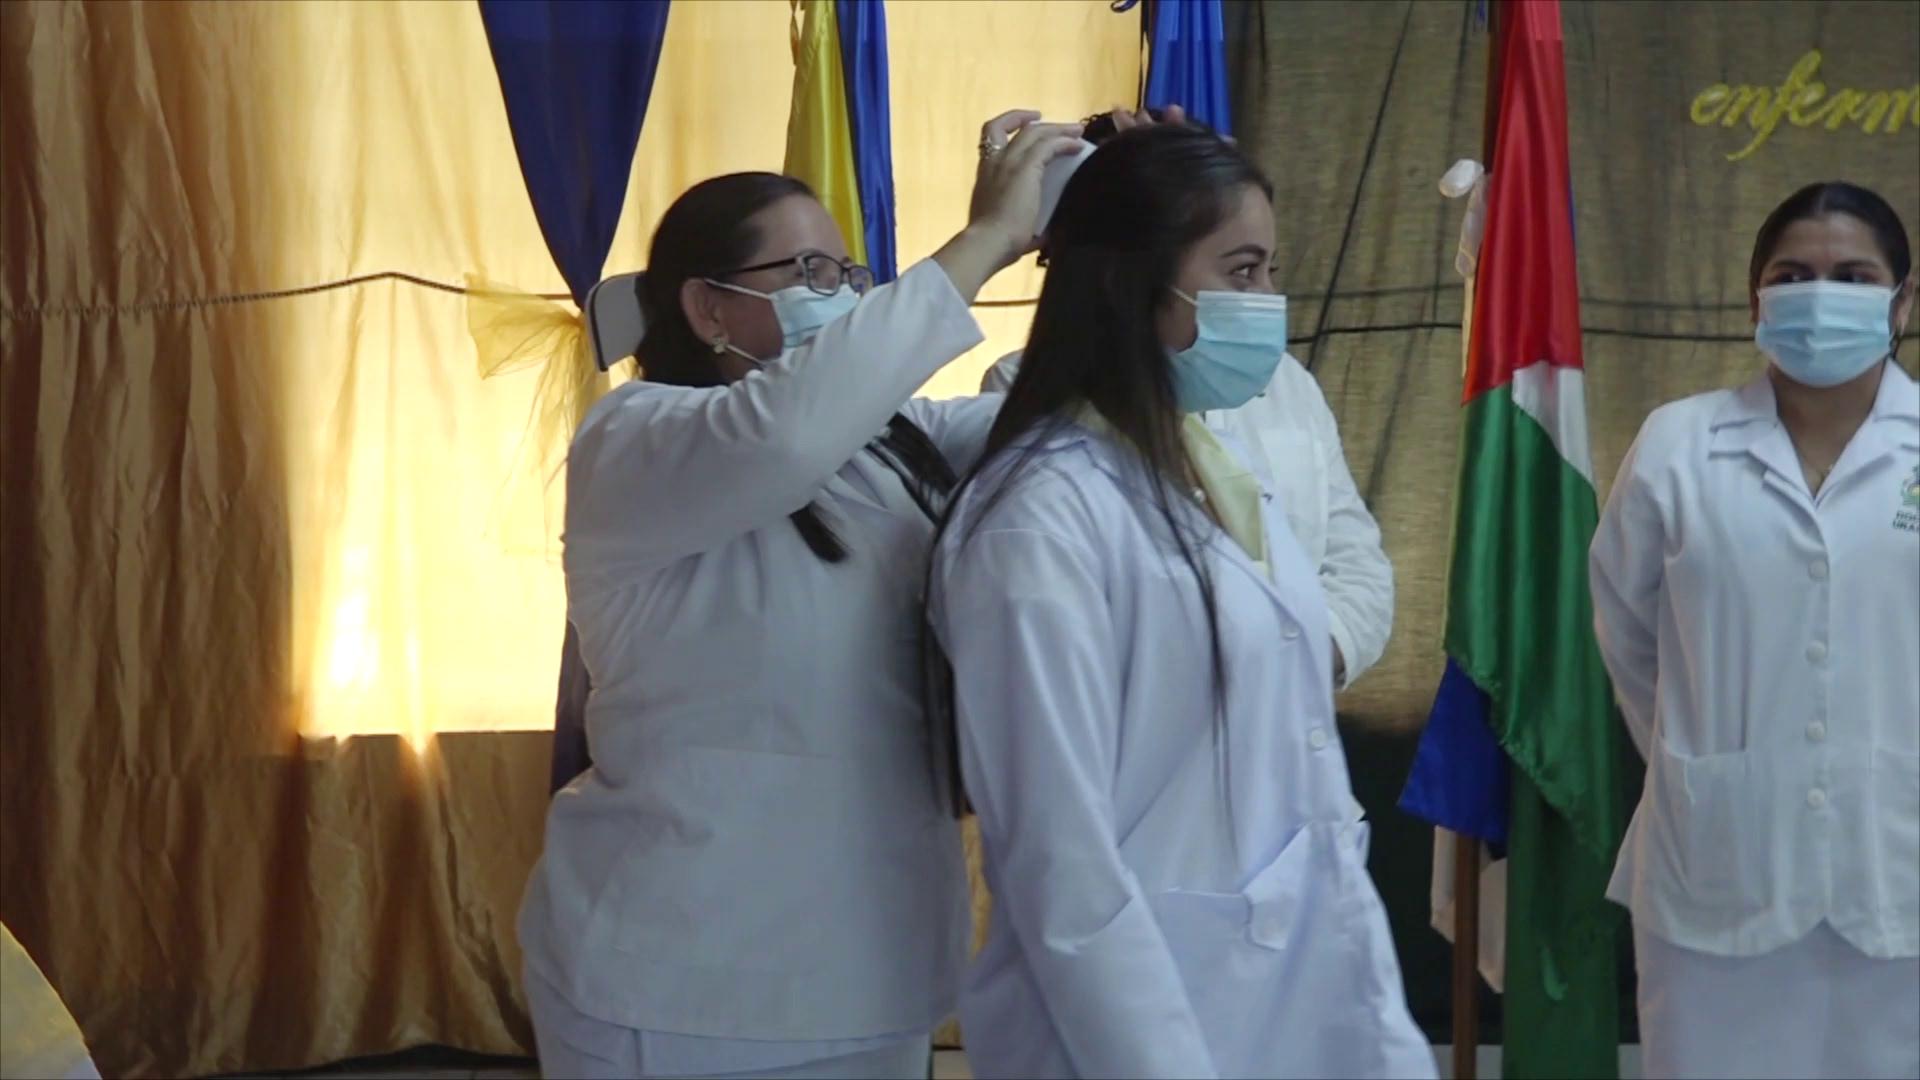 Estudiantes de Enfermería reafirman su vocación de servicio en Nueva Guinea